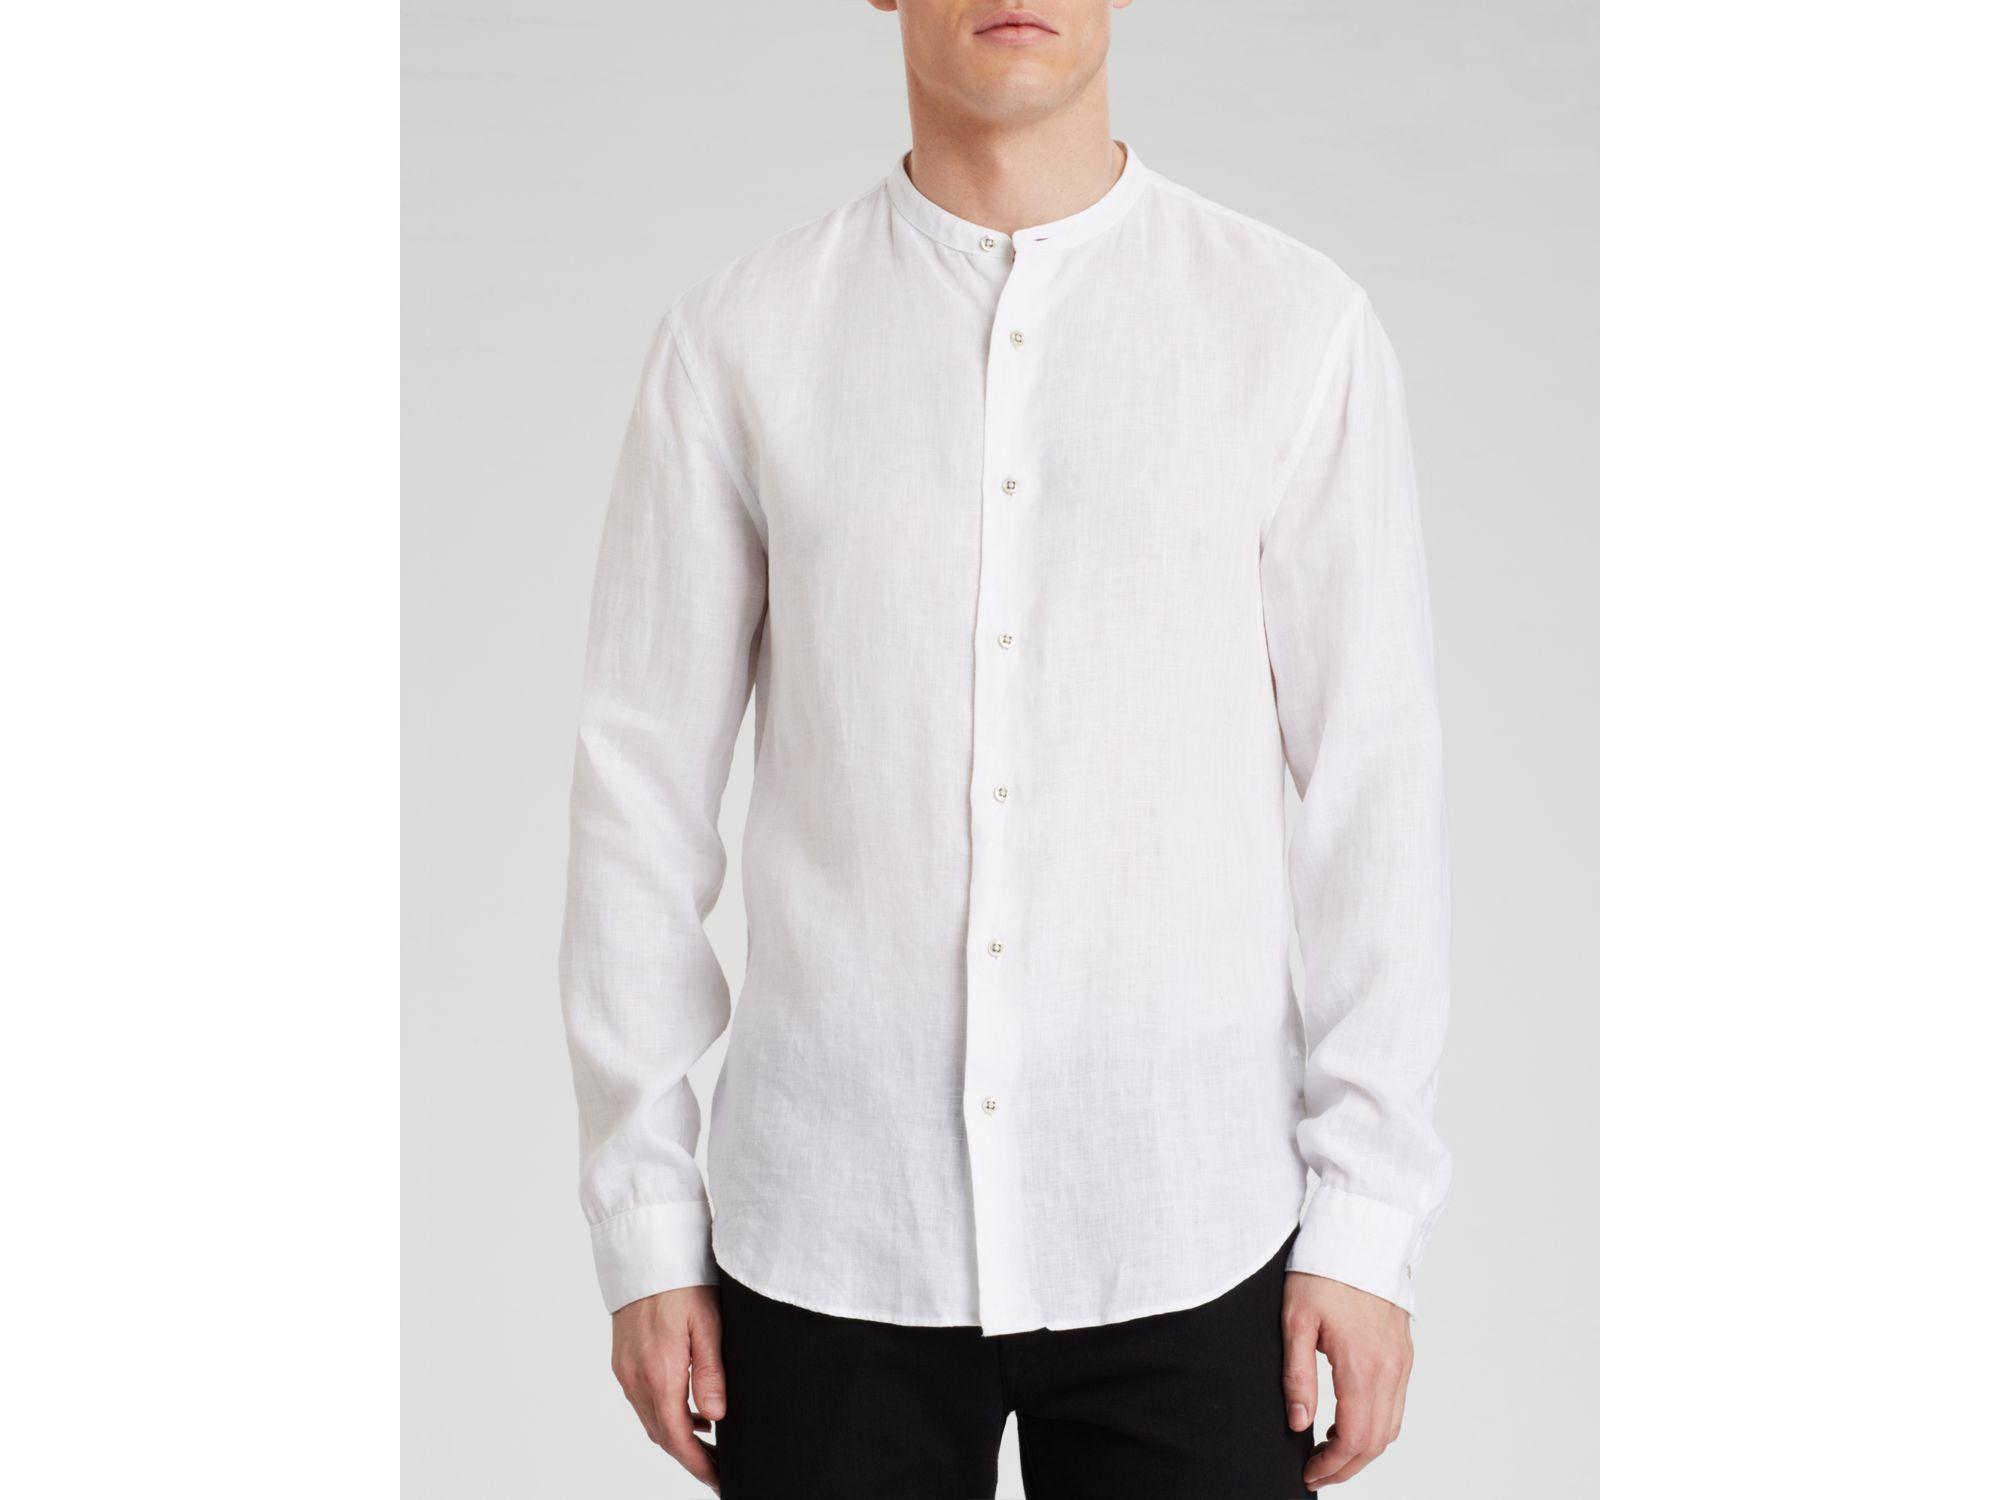 John varvatos star usa banded collar button down shirt for White button down collar shirt